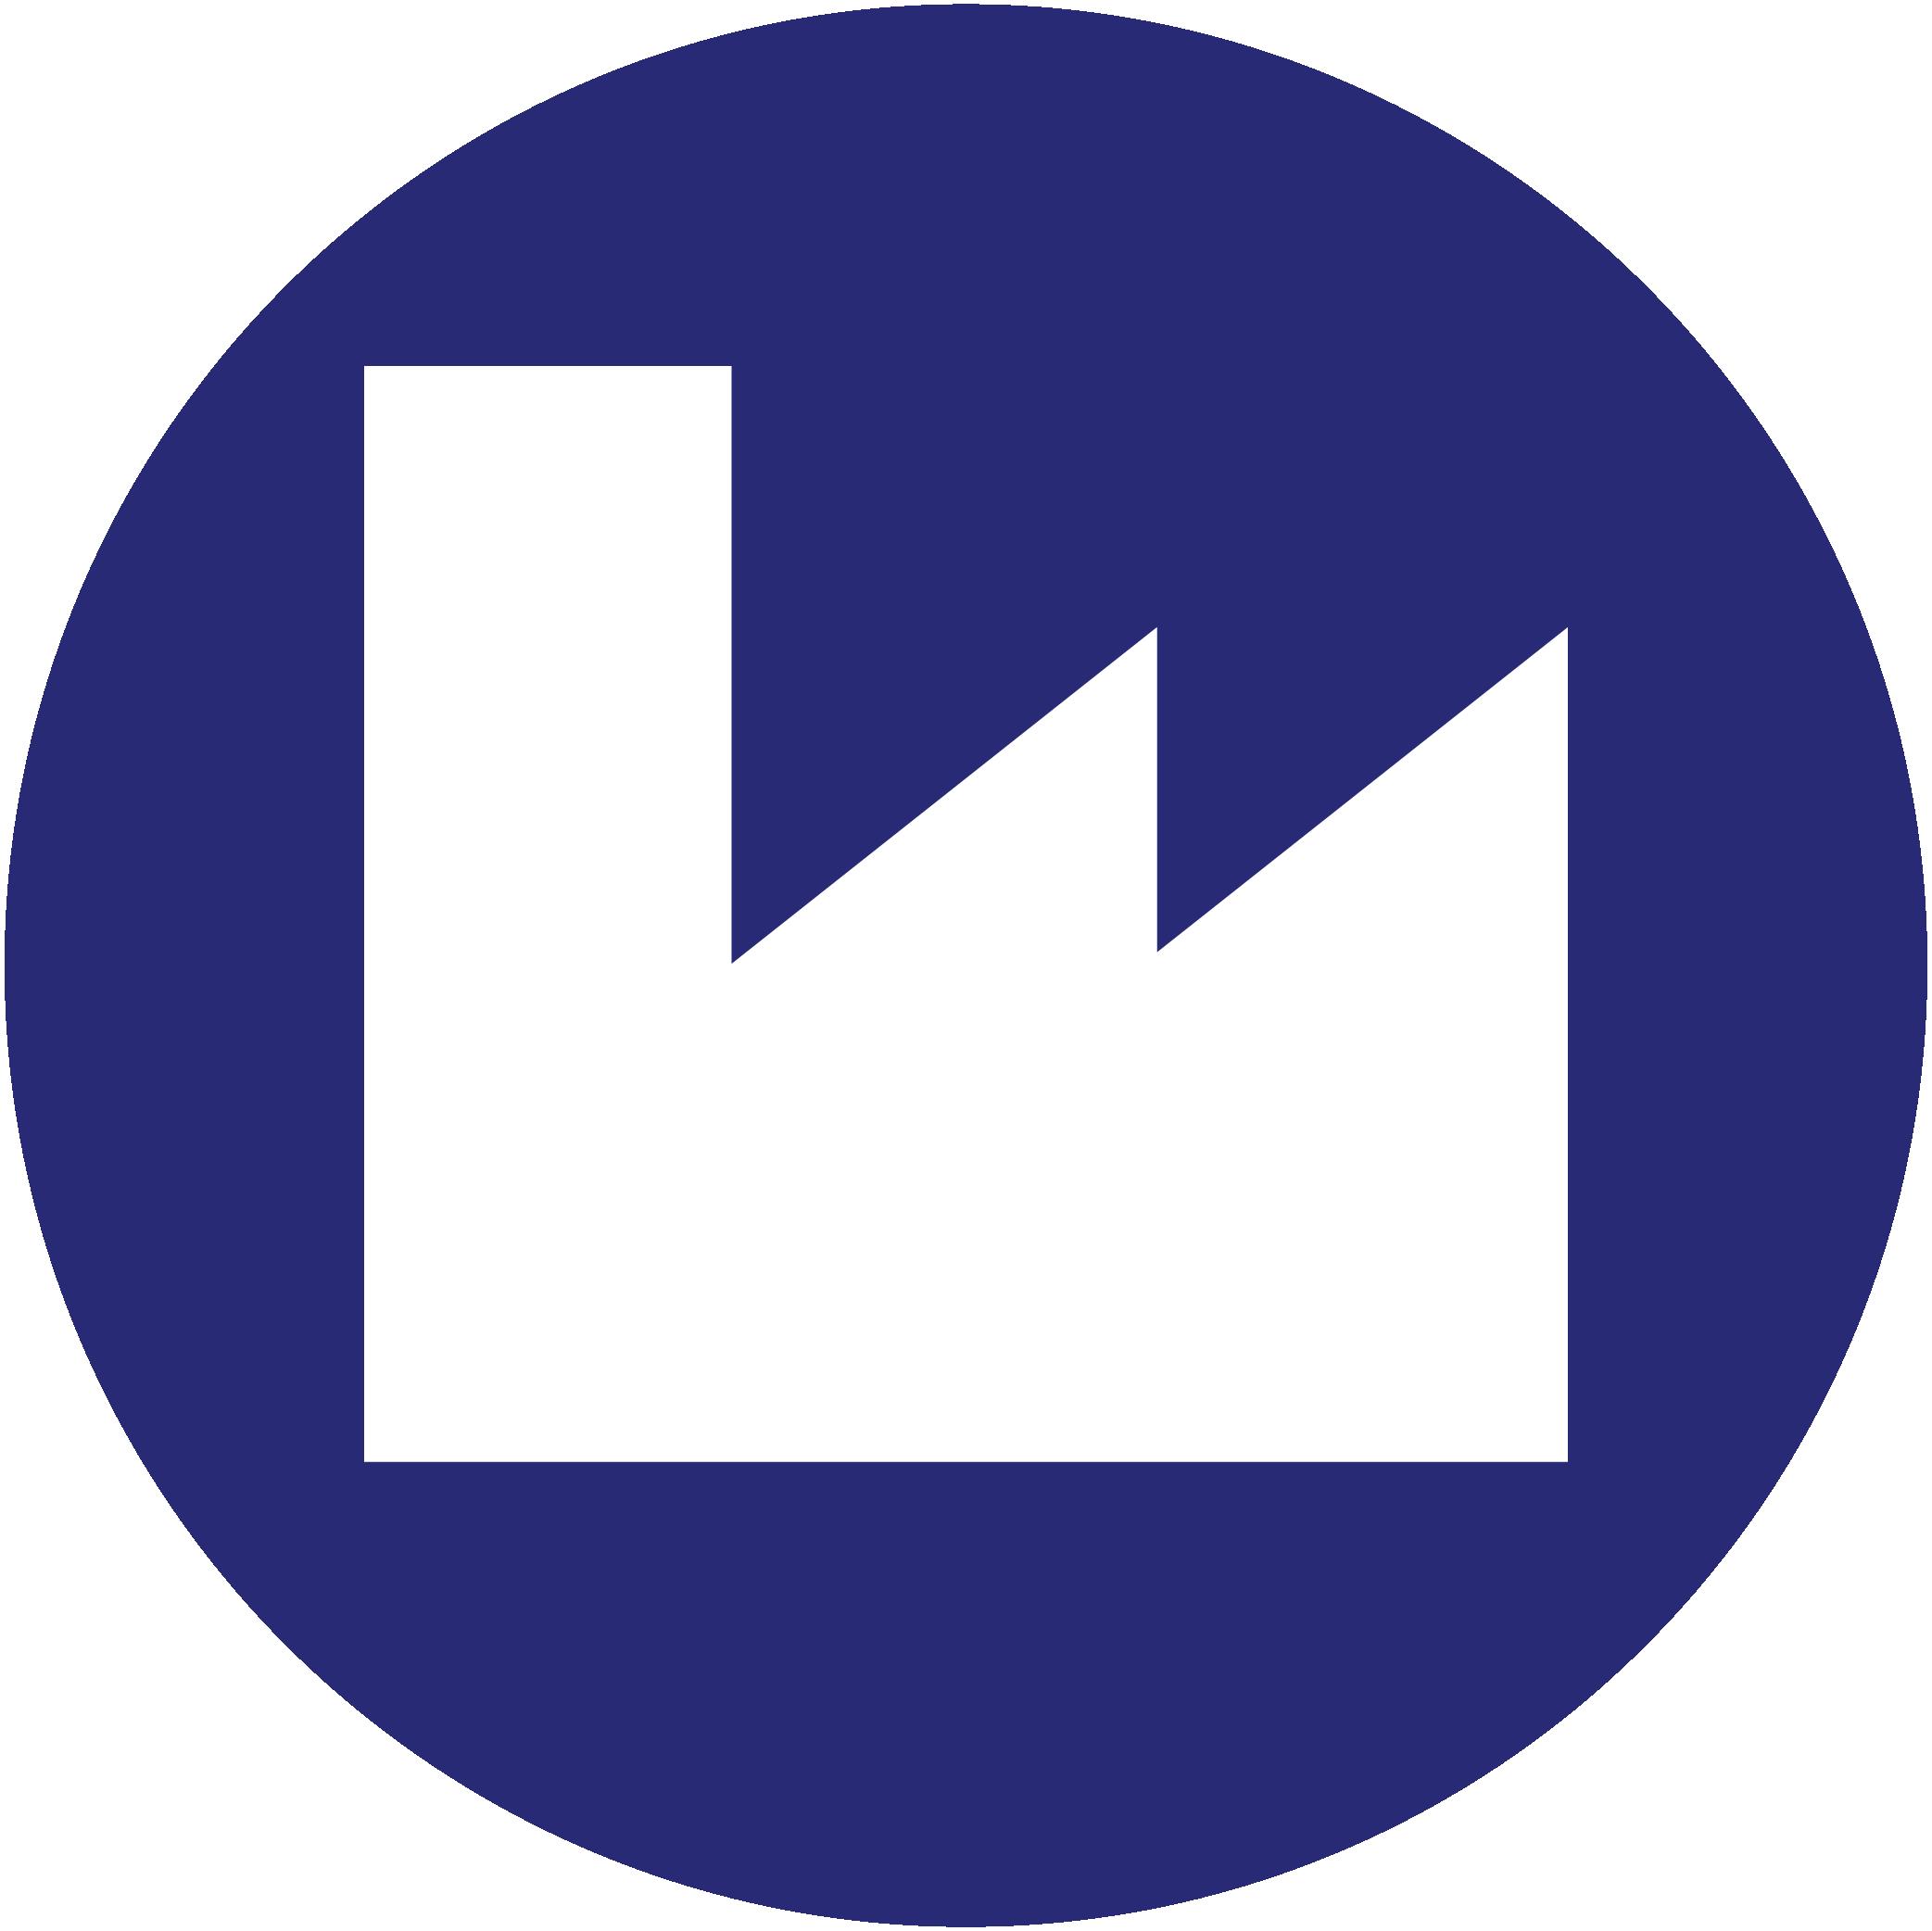 weetabix_sustainability-report_2020_Icons-03